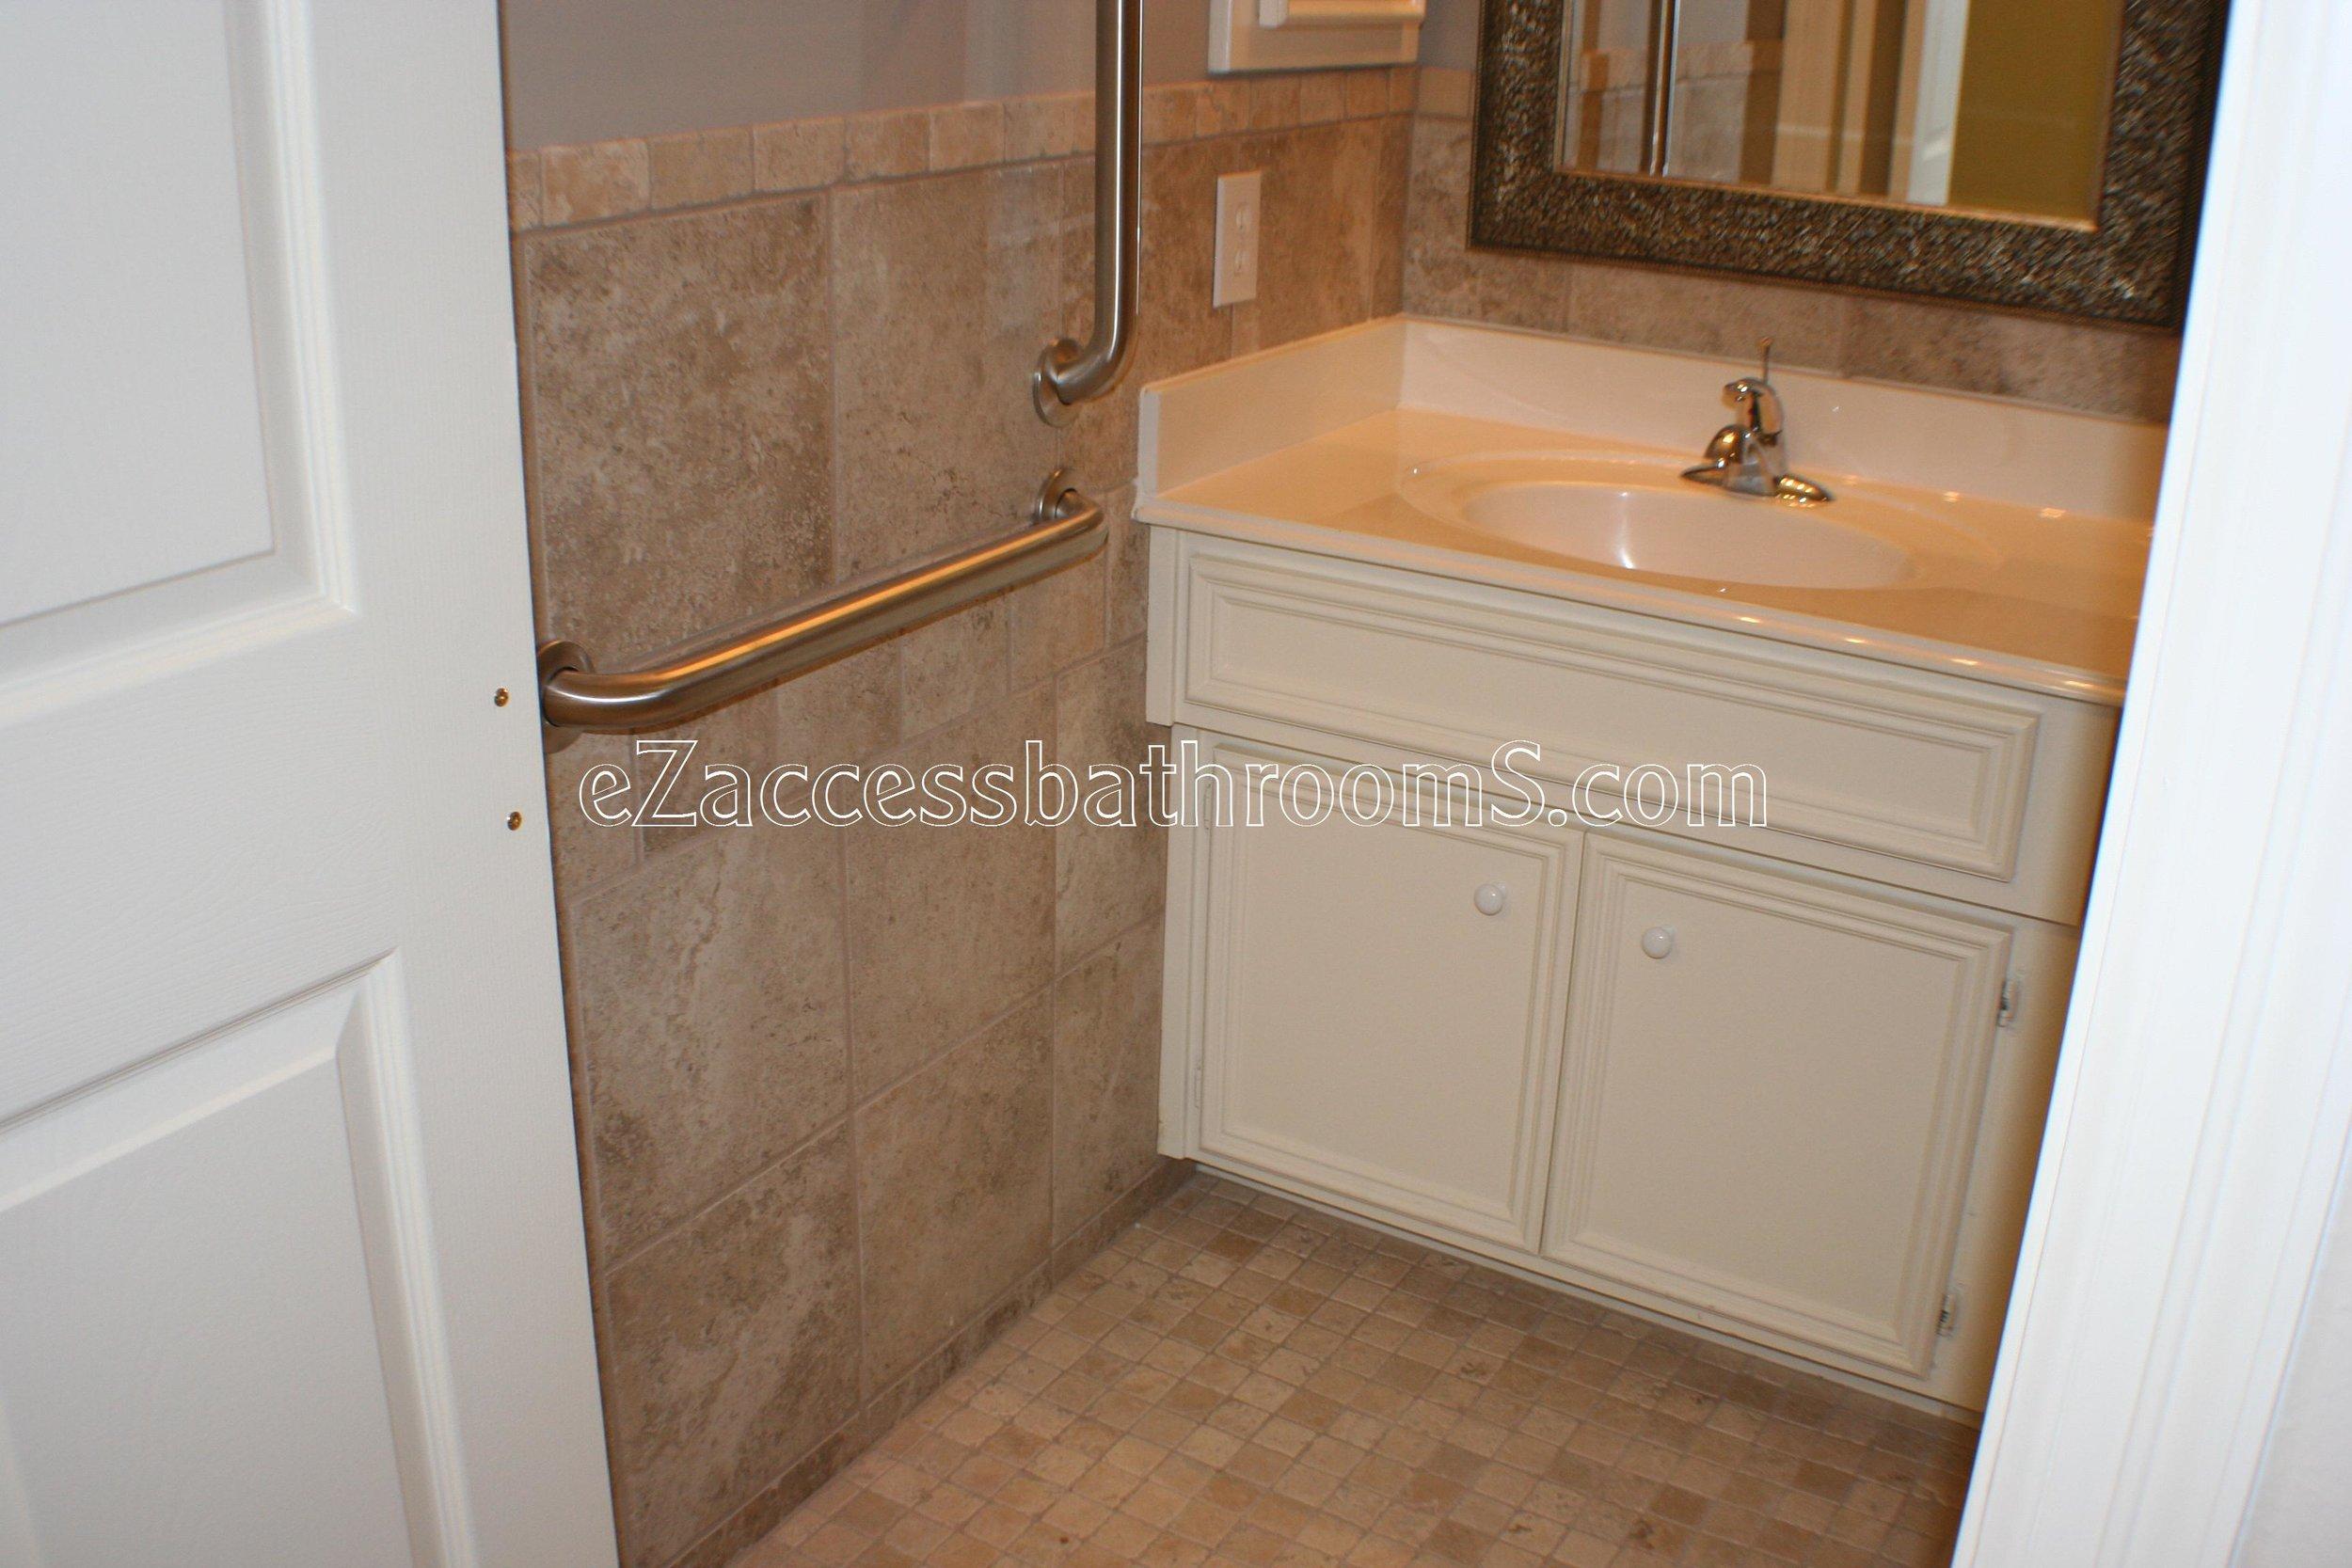 handicap bathroom 01 ezacessbathrooms.com 003.jpg